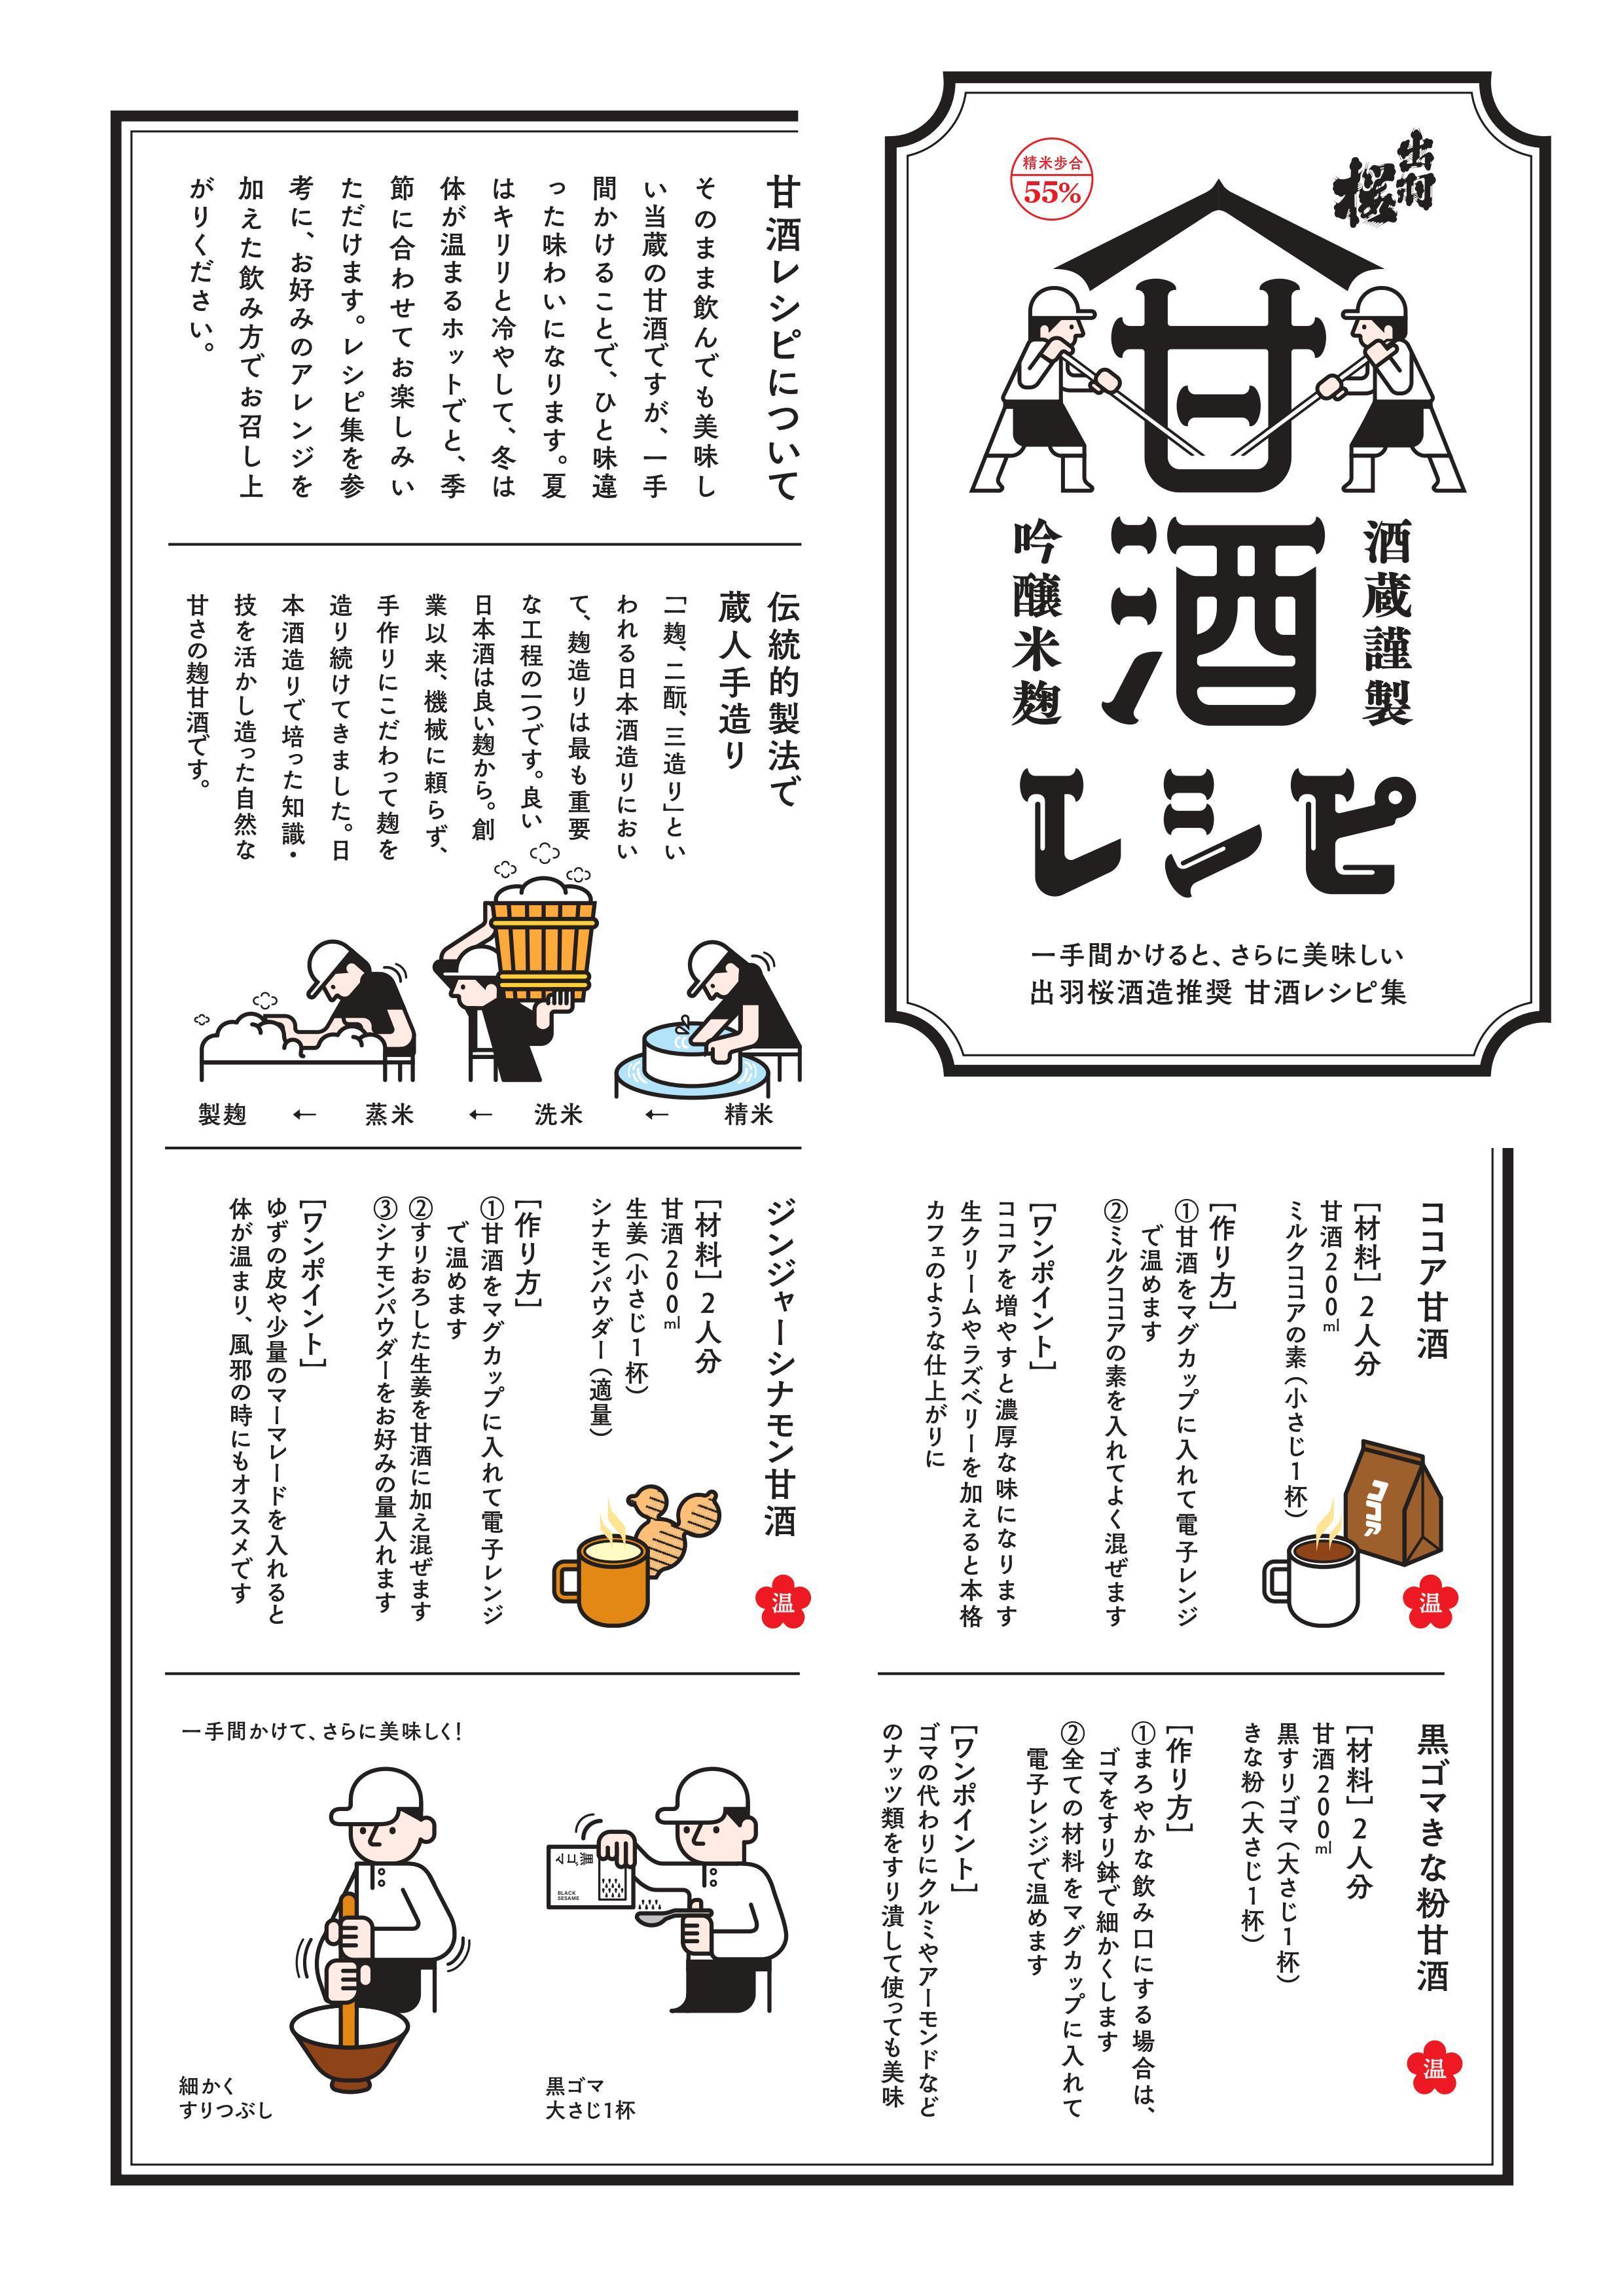 amazake-recipe1.jpg